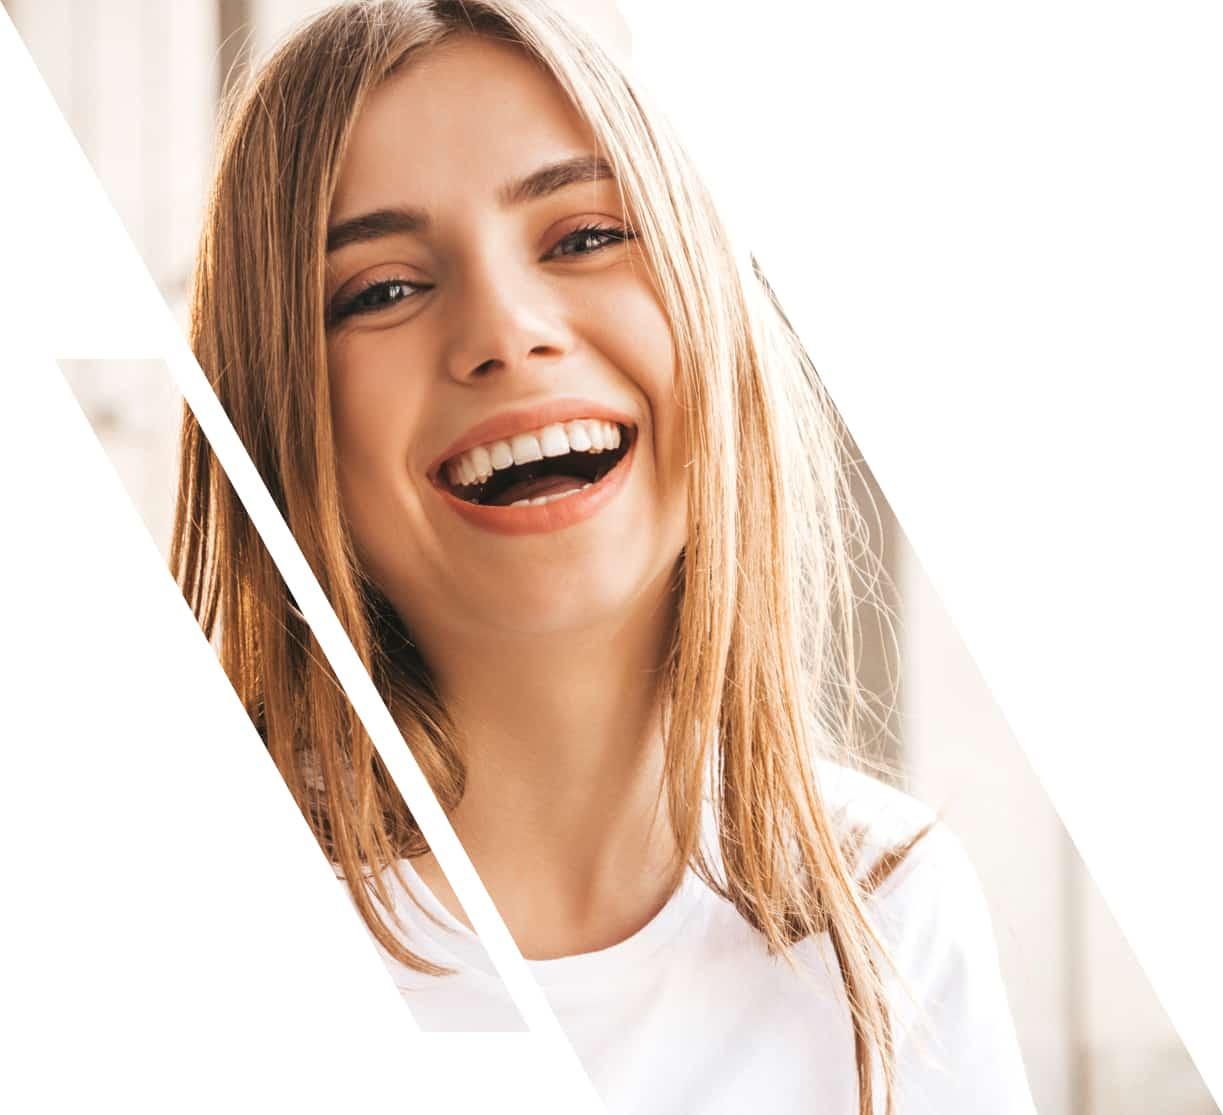 Giresun diş kliniği